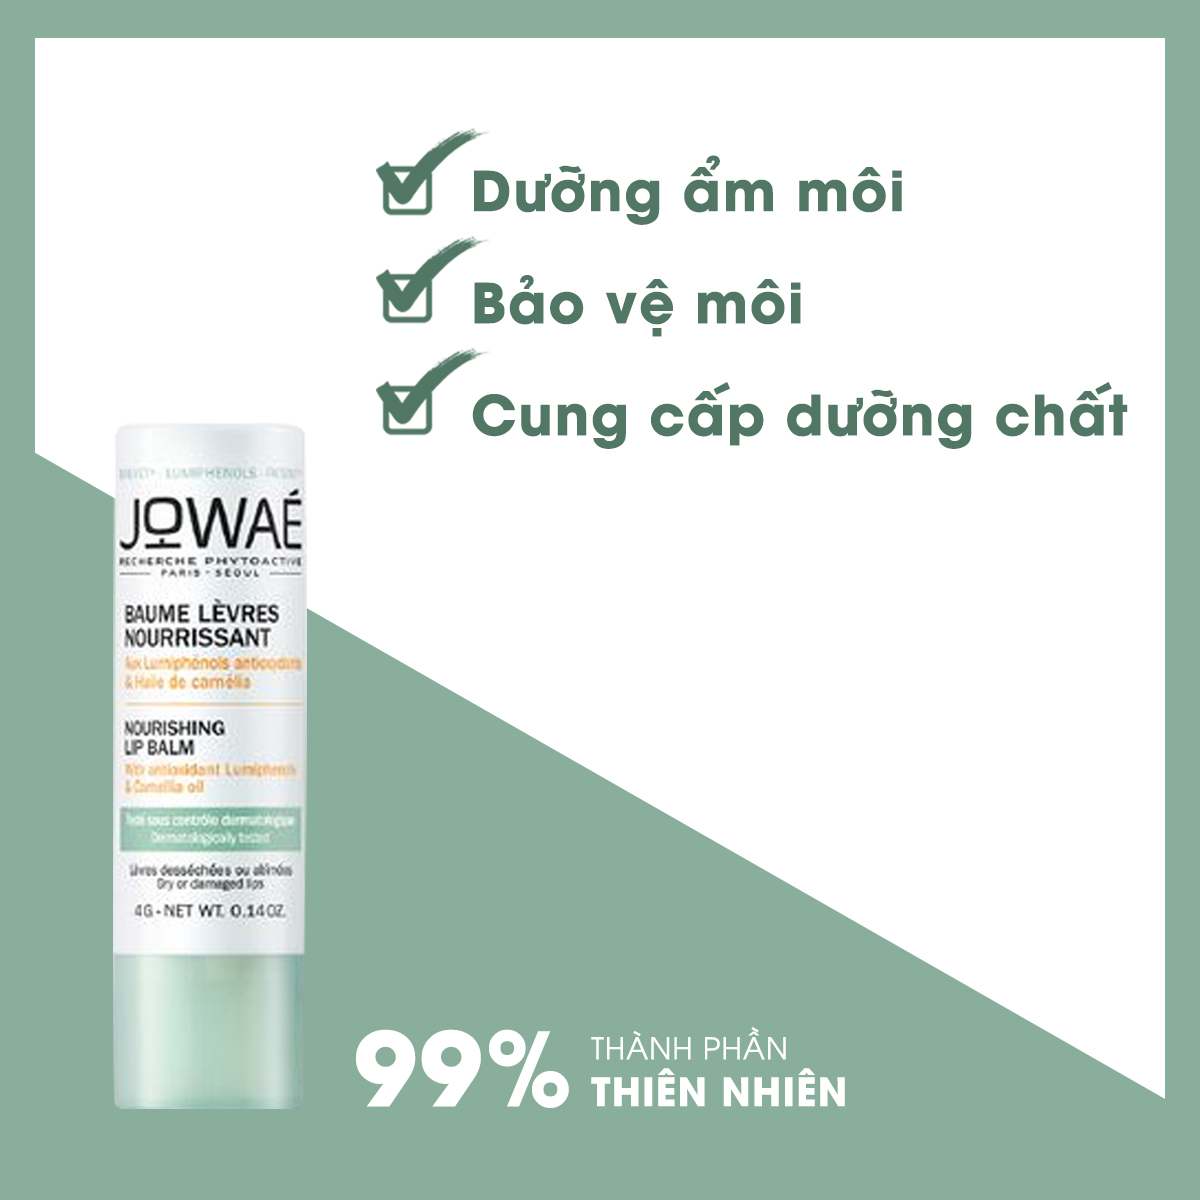 Son dưỡng môi tự nhiên dưỡng ẩm cung cấp dưỡng chất JOWAE Mỹ phẩm thiên nhiên từ Pháp